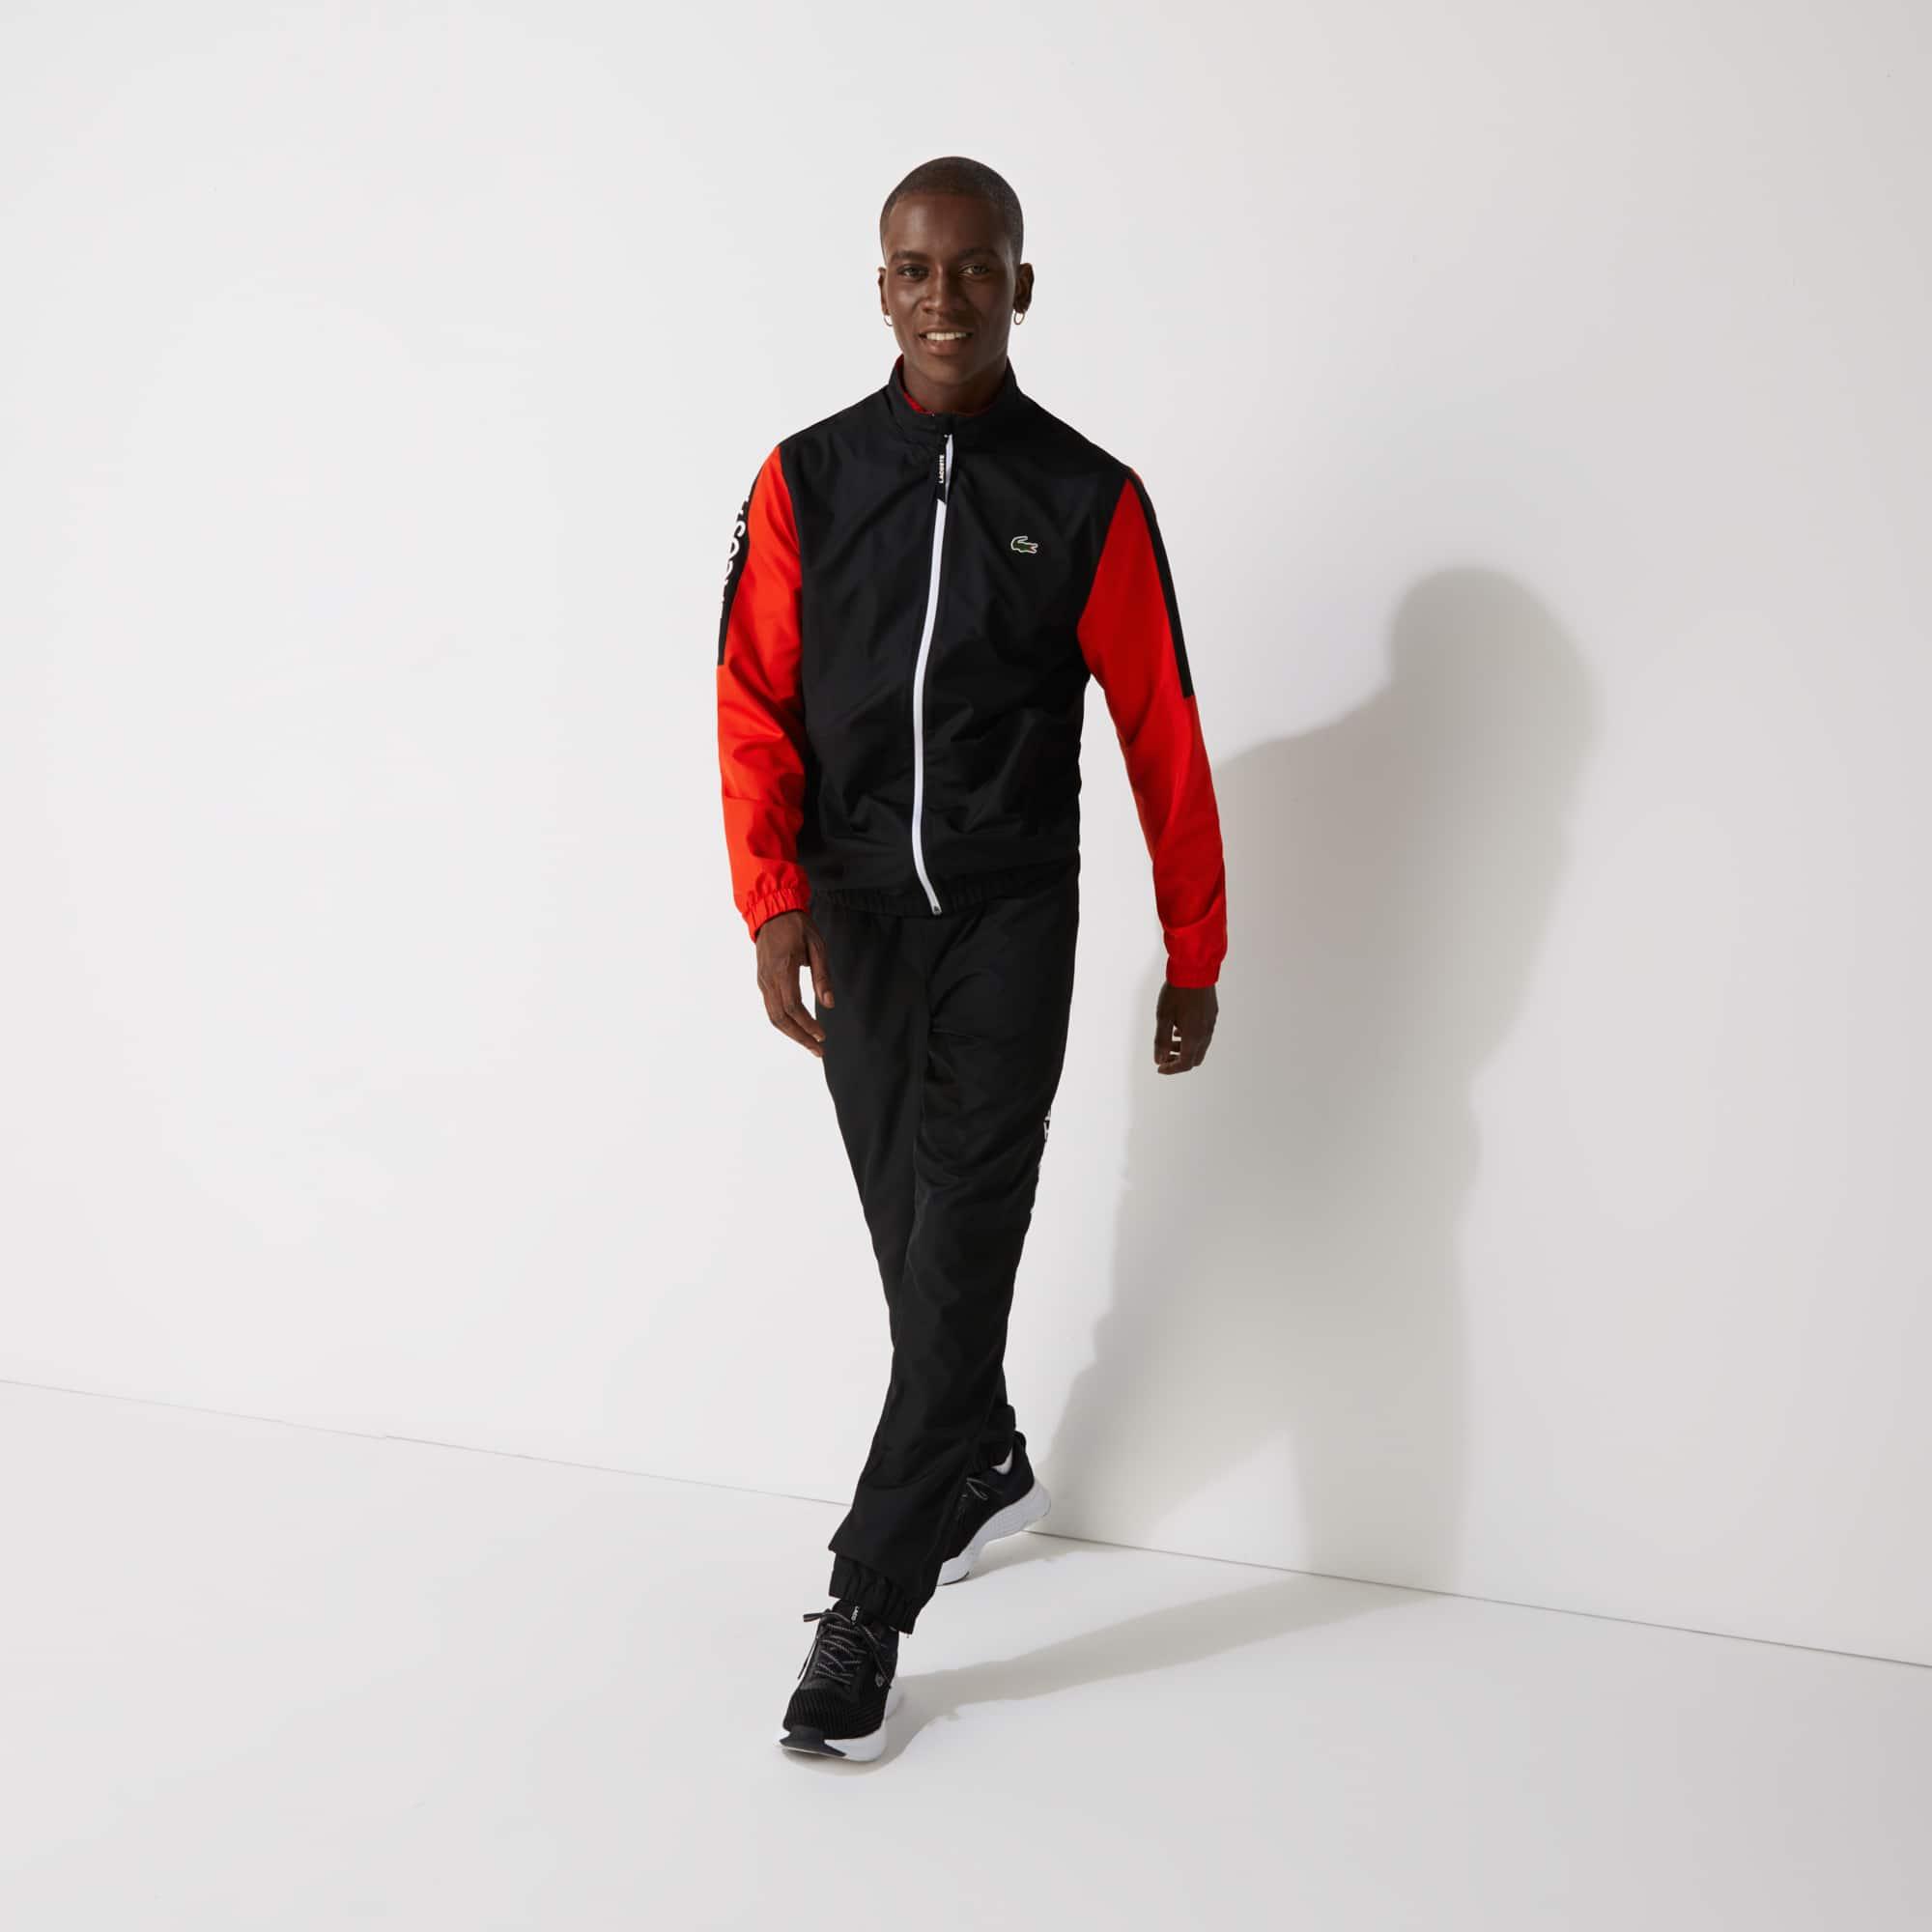 라코스테 Lacoste Men's SPORT Stand-up Neck Colorblock Tracksuit,Black / Red / Black / White - Q47 (Selected colour